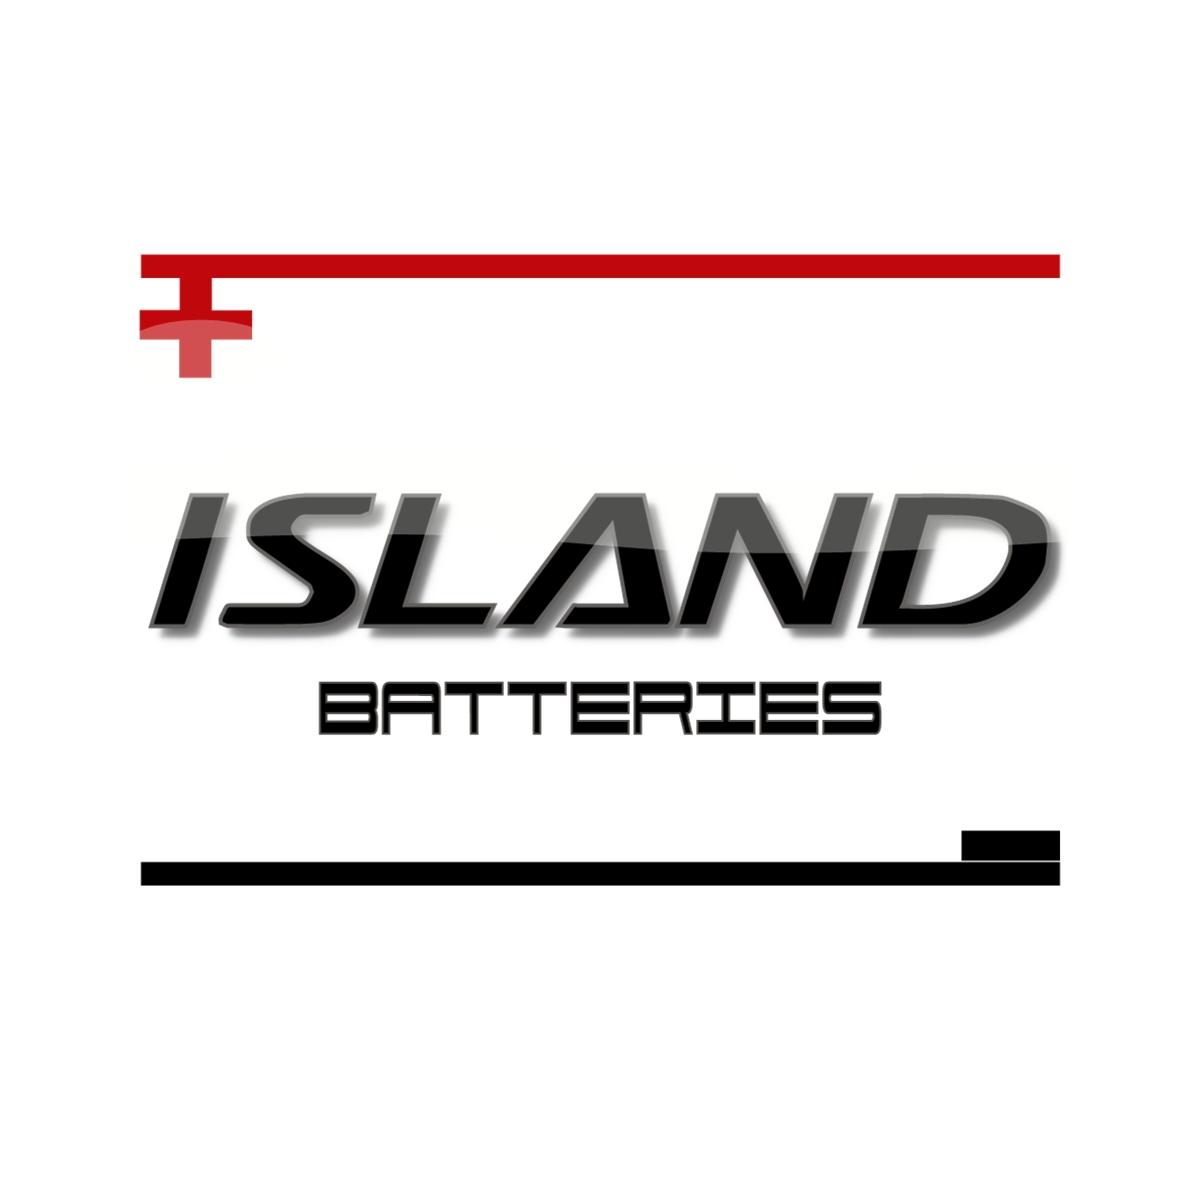 Logo Design by Joseph calunsag Cagaanan - Entry No. 32 in the Logo Design Contest Fun Logo Design for Island Batteries.